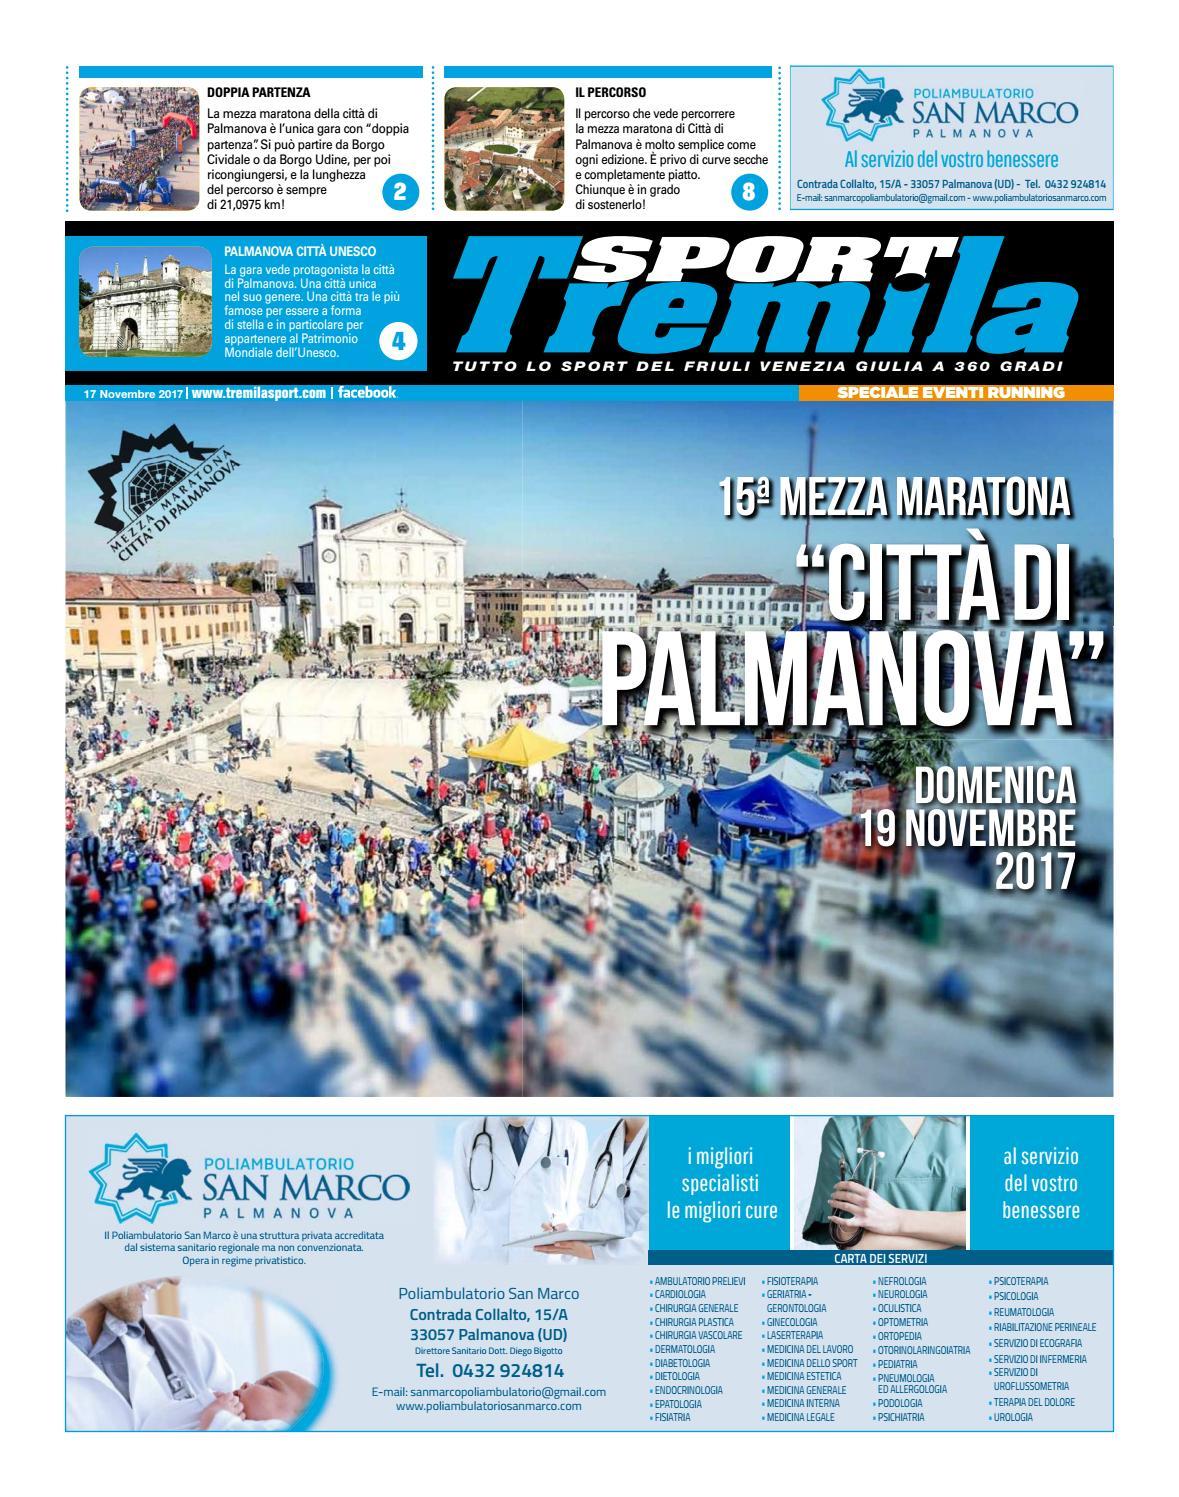 Calendario Fiasp Fvg.Tabloid Mezza Maratona Palmanova 19 11 2017 By Tremilasport